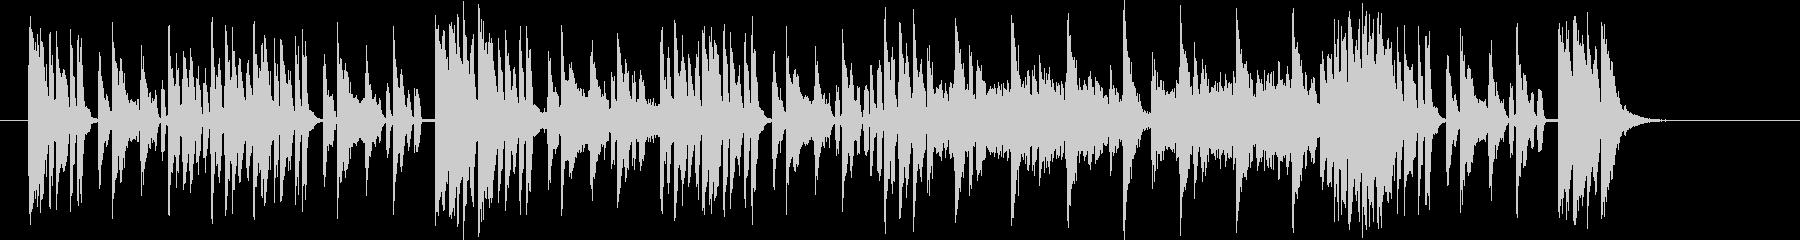 デジタルファンクな30秒BGMの未再生の波形